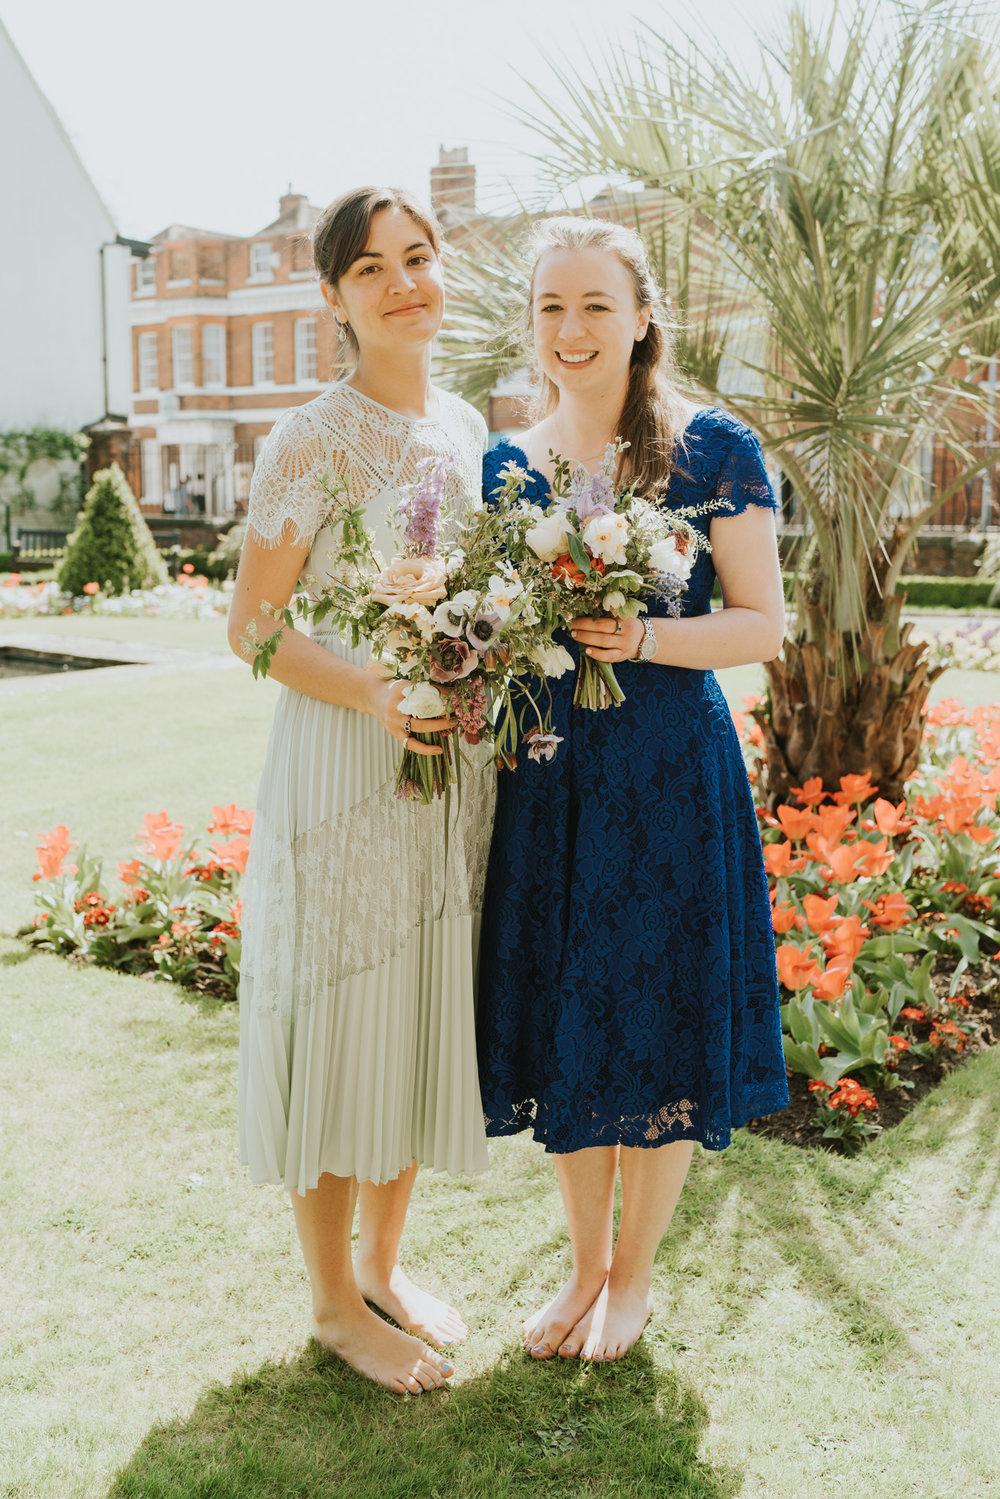 Will-Rhiannon-Art-Deco-Alterative-Essex-Wedding-Suffolk-Grace-Elizabeth-62.jpg